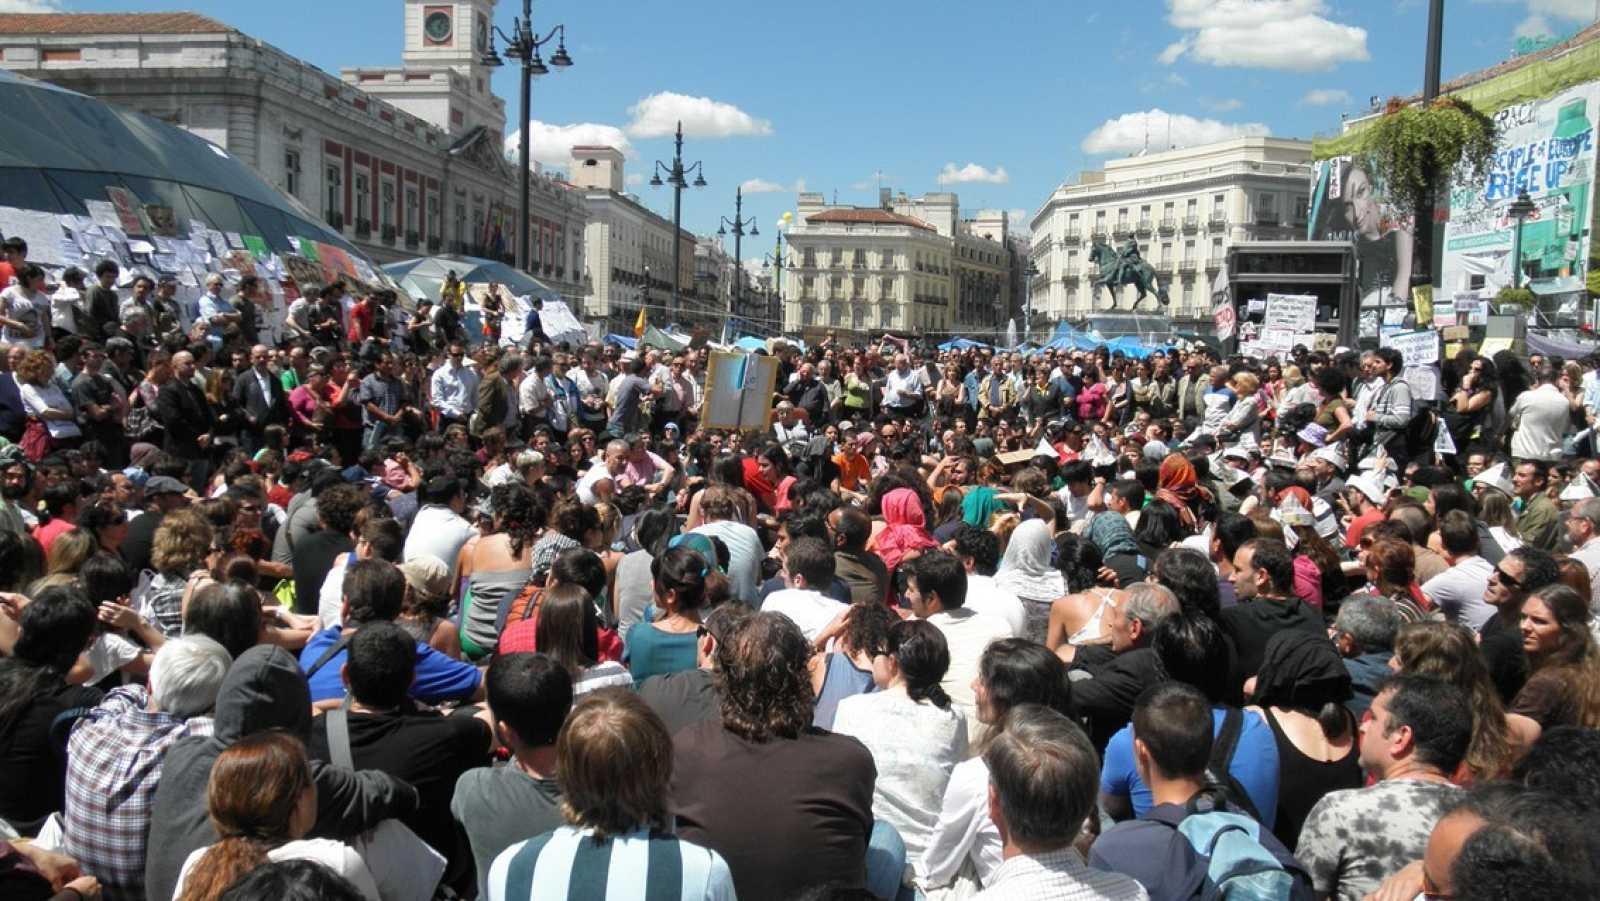 15-M Puerta del Sol